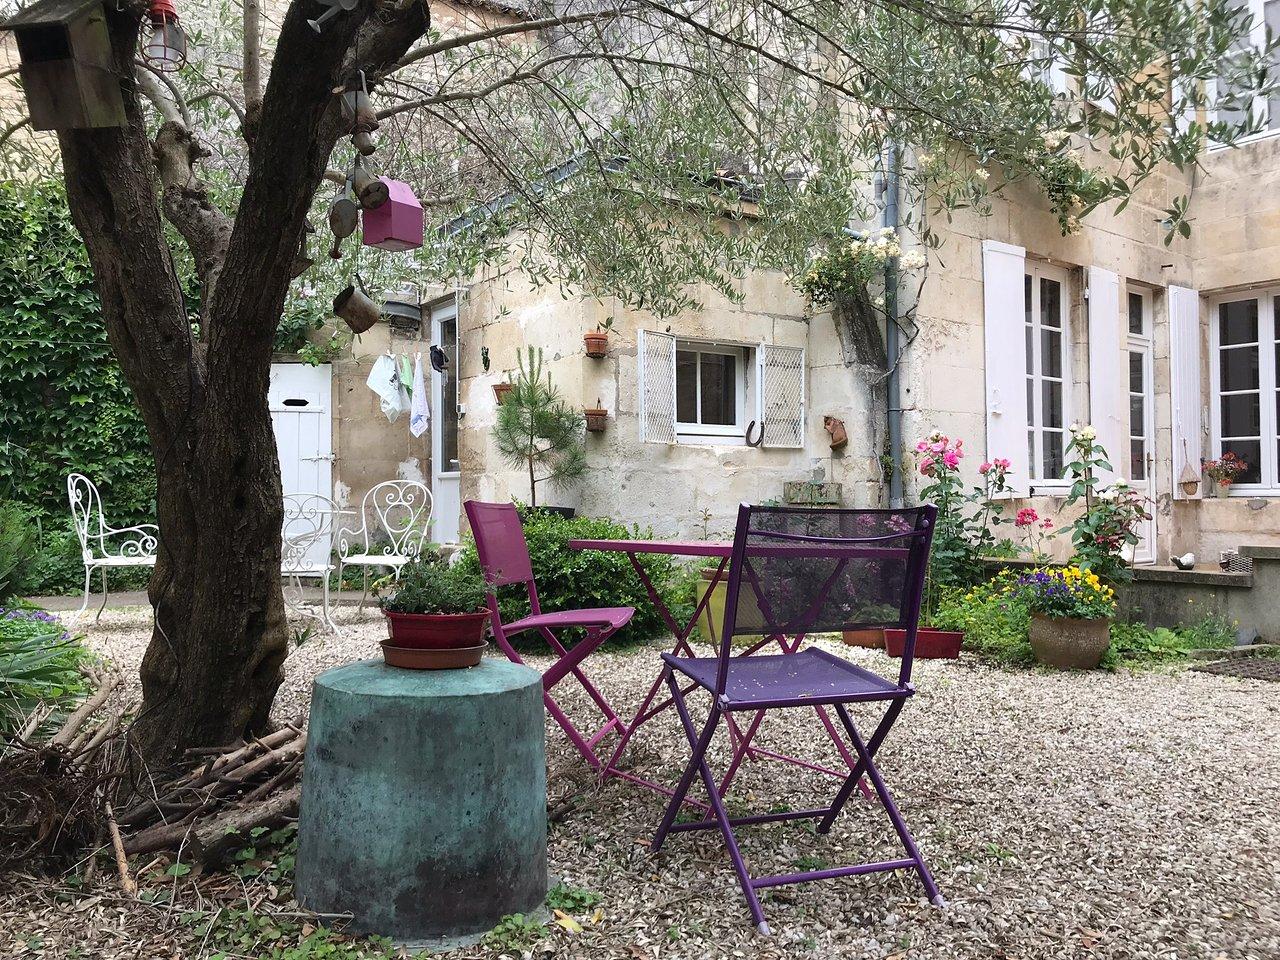 Mobilier De France Niort Frais Maison D Hotes Vents D Ouest B&b Niort Tarifs 2020 Mis